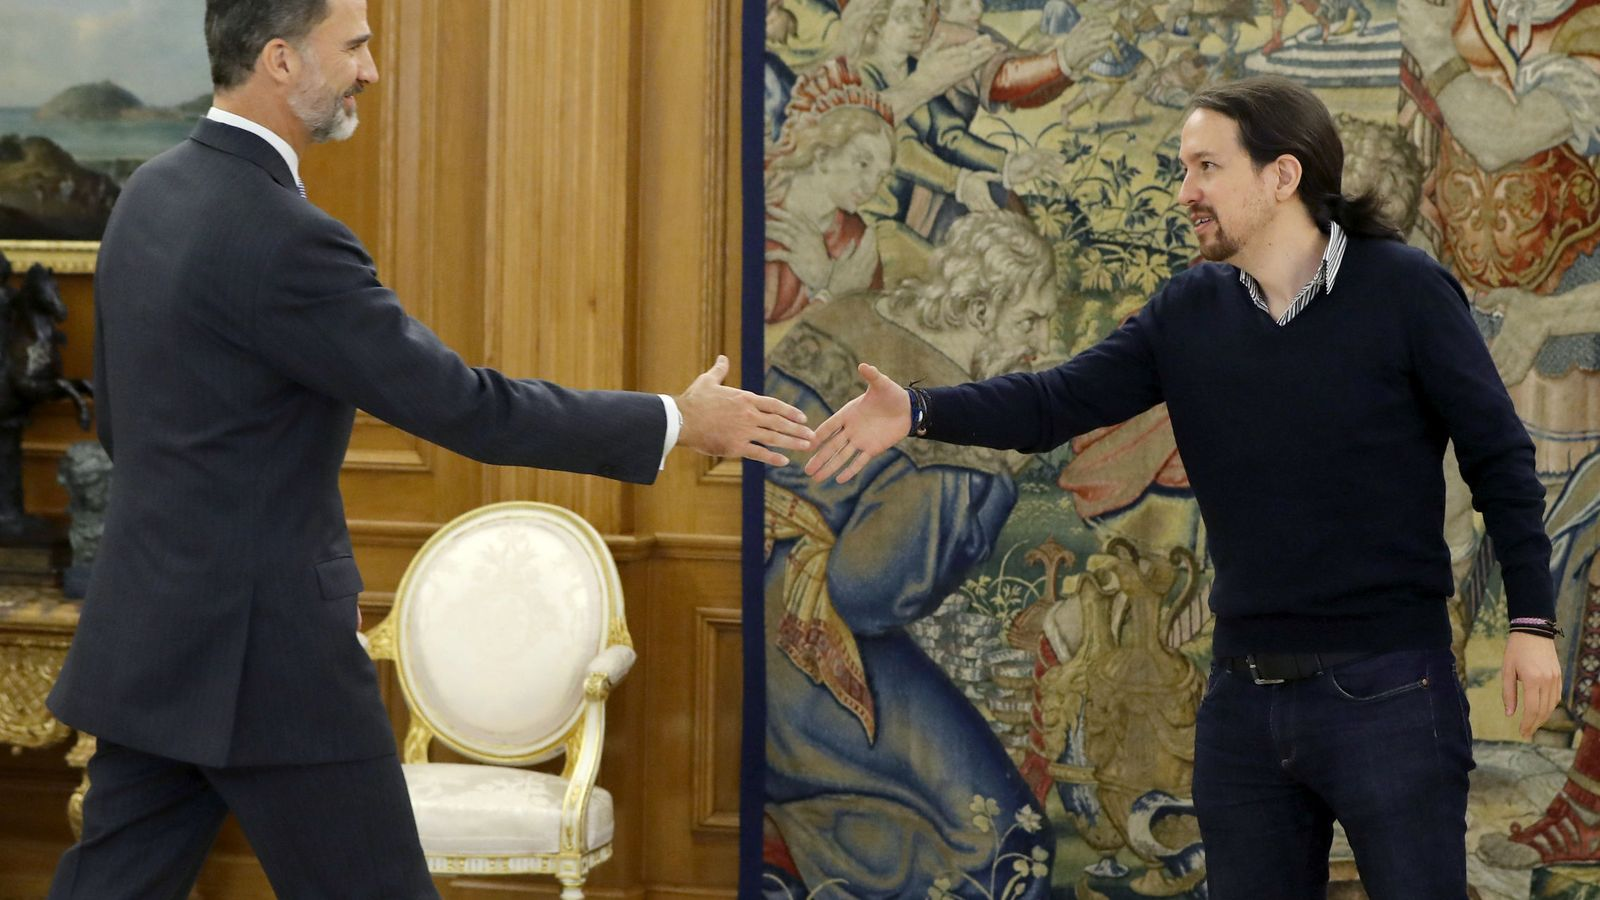 Foto: El Rey recibe al líder de Podemos, Pablo Iglesias, en octubre del pasado año, durante la ronda de contactos para buscar candidato a la investidura tras las últimas elecciones. (EFE)